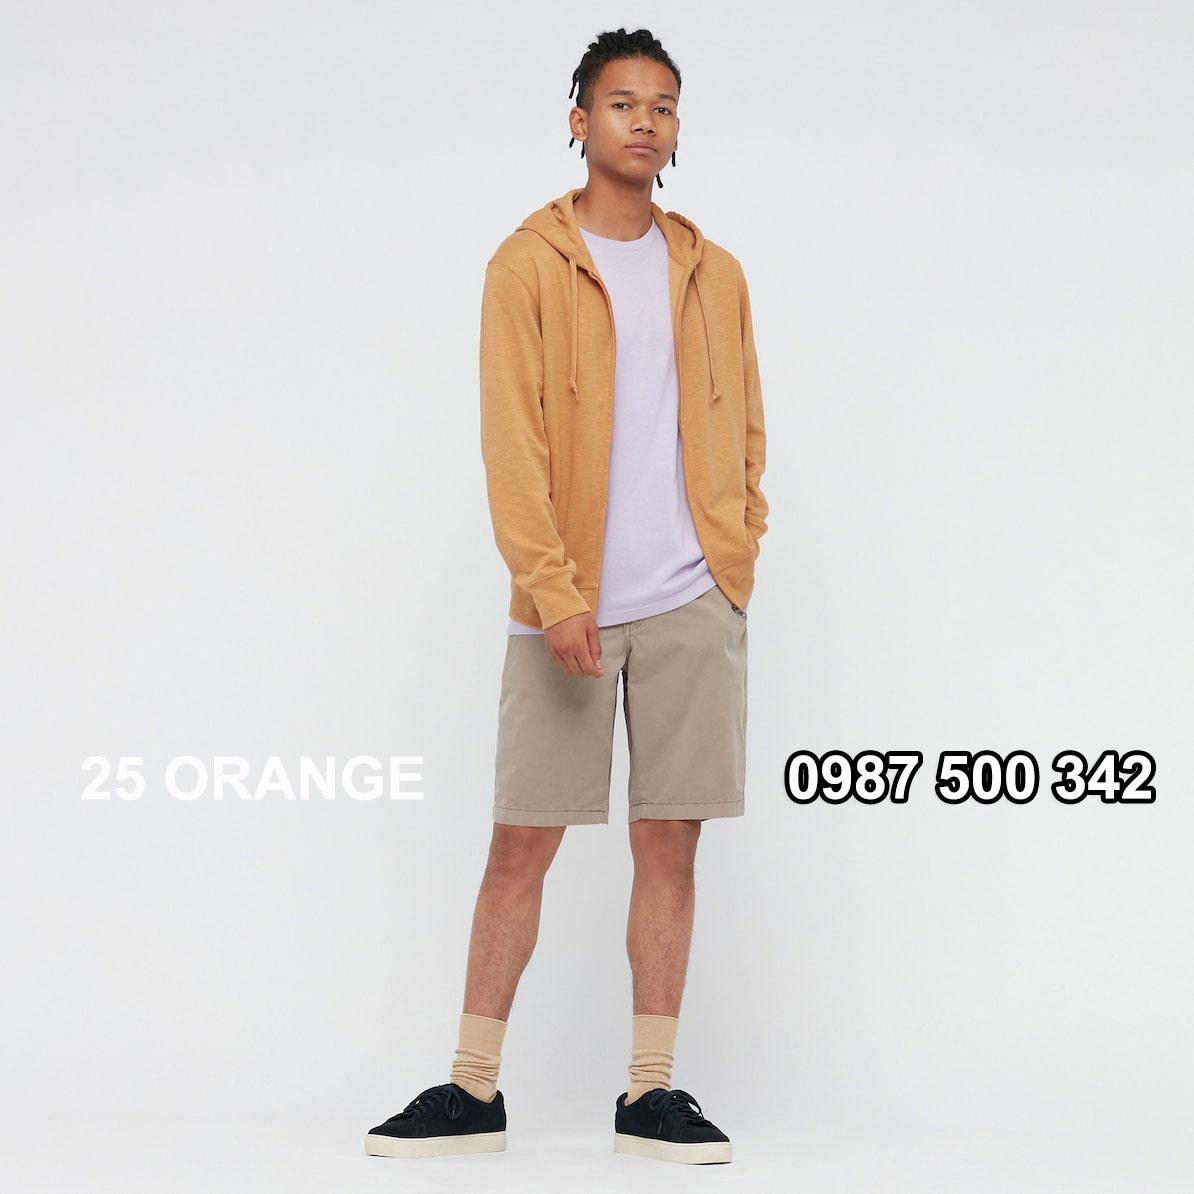 Áo chống nắng nam Uniqlo màu cam 25 ORANGE 433049